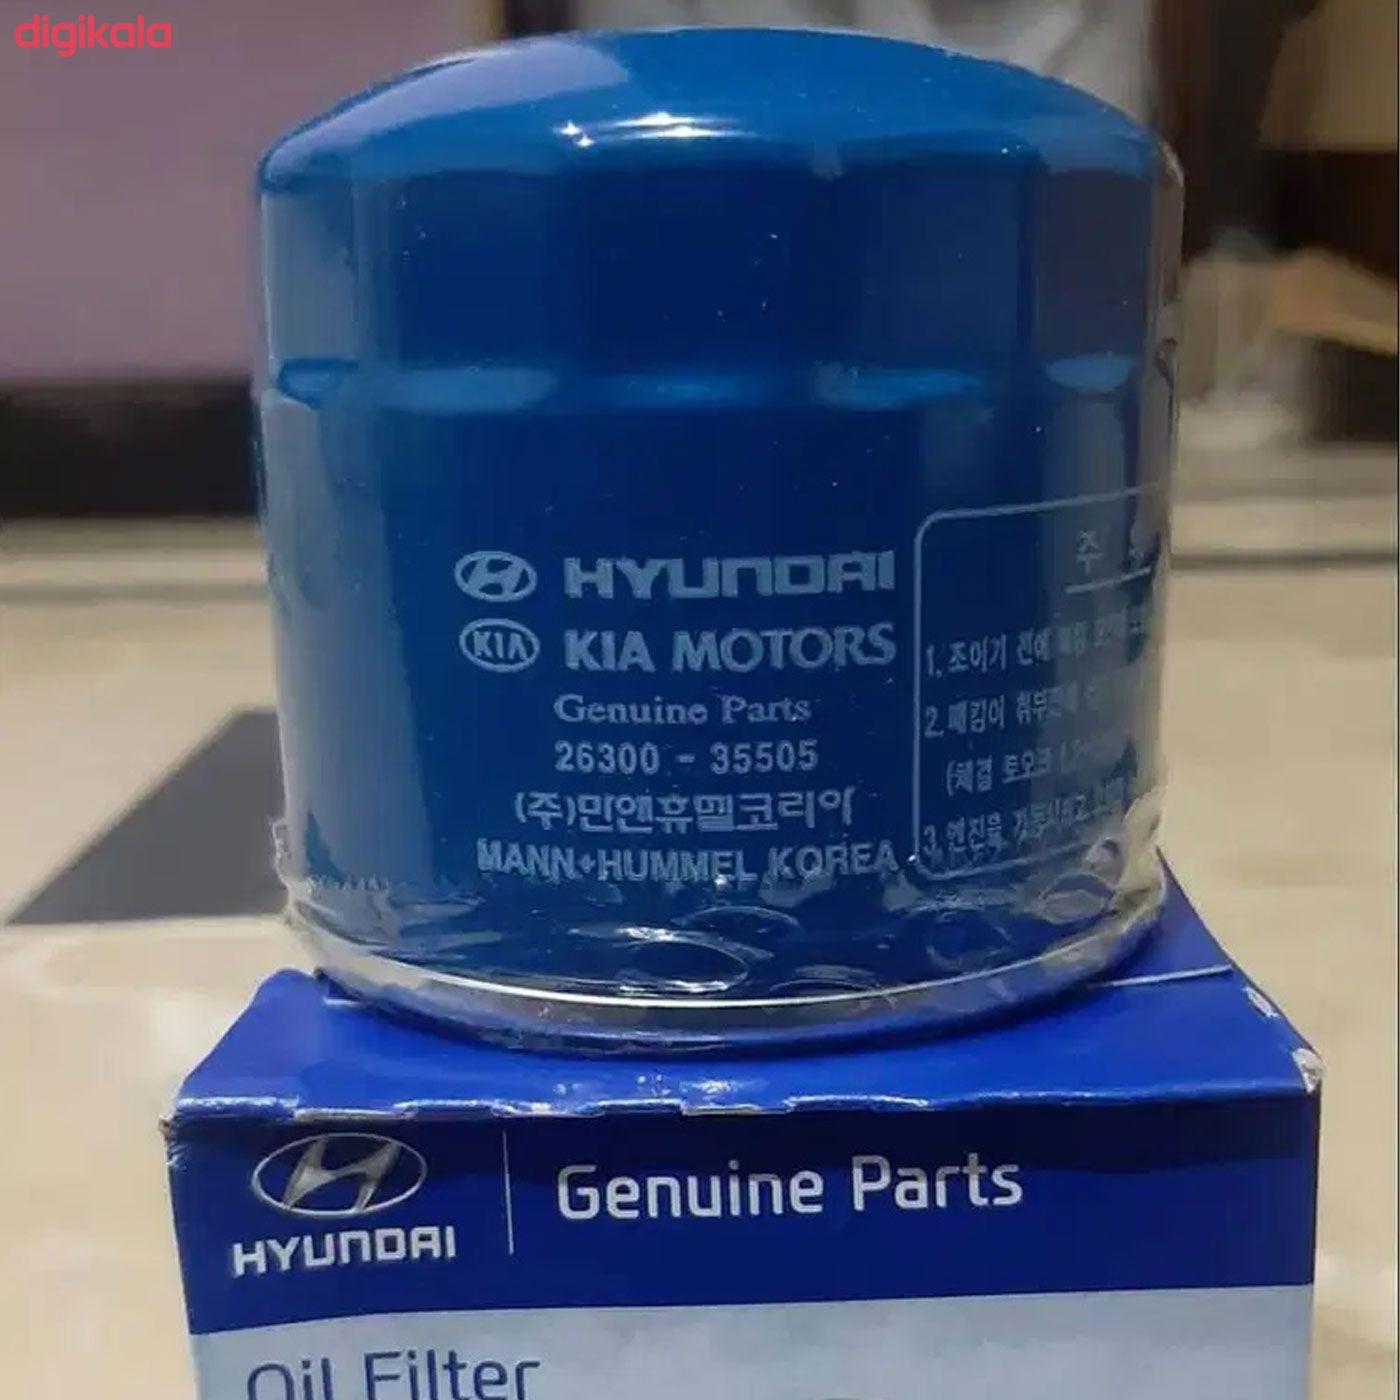 فیلتر روغن خودرو هیوندای جنیون پارتس مدل 35505 main 1 1